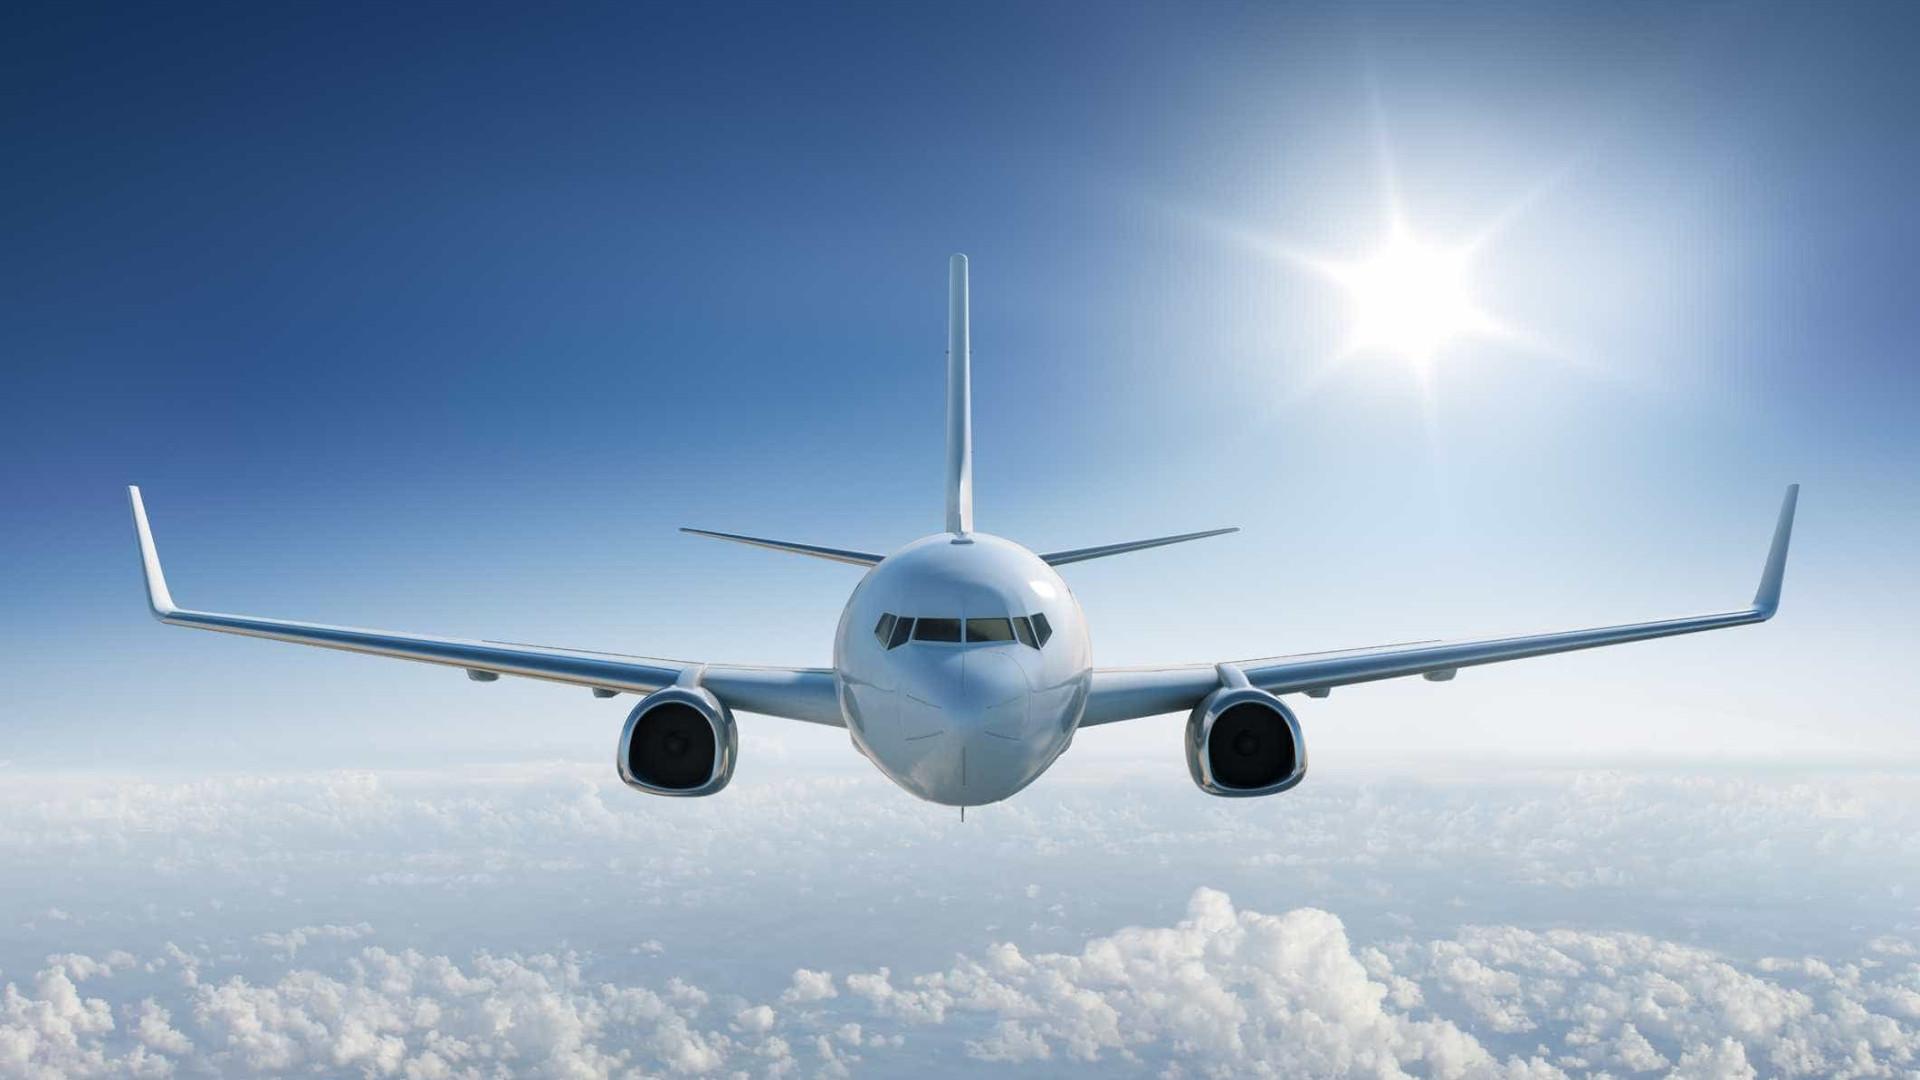 Airbus assina contrato histórico de venda de 430 aviões à Indigo Partners